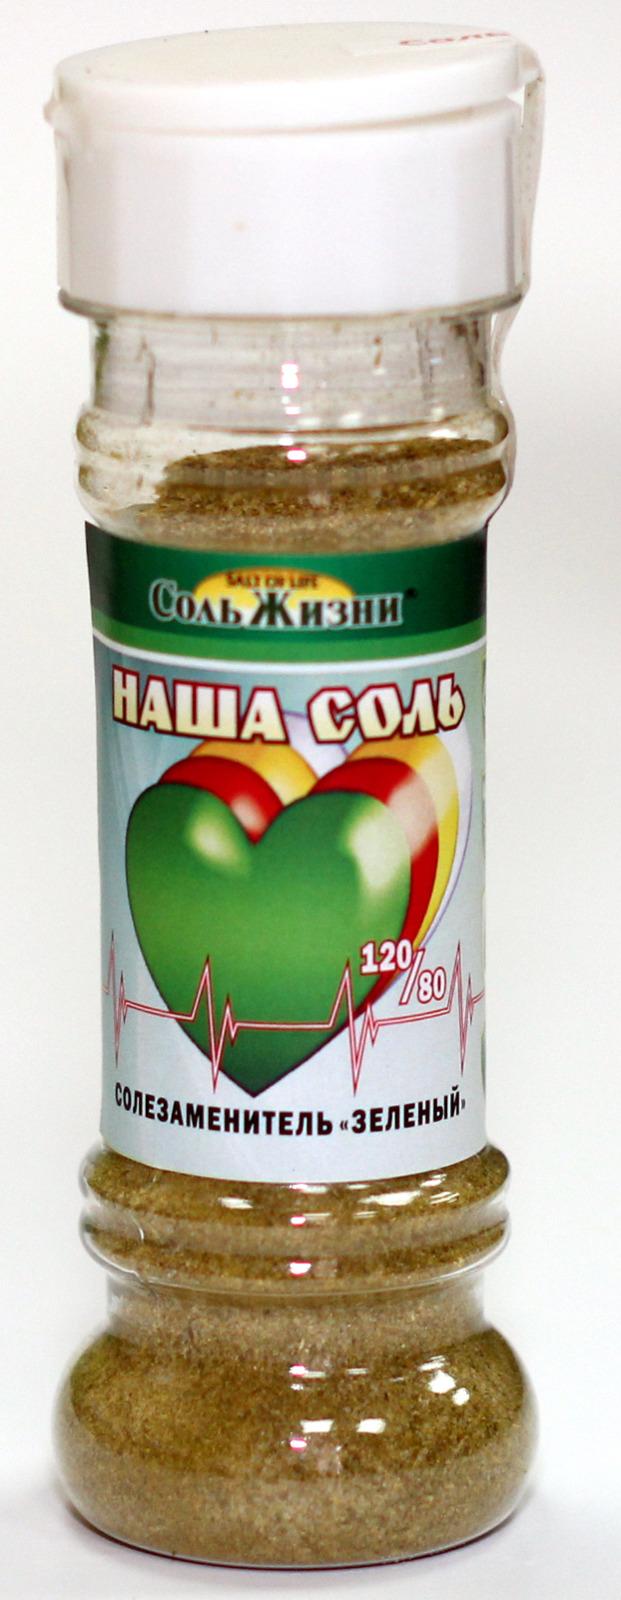 Солезаменитель Соль Жизни Зеленый, 100 г